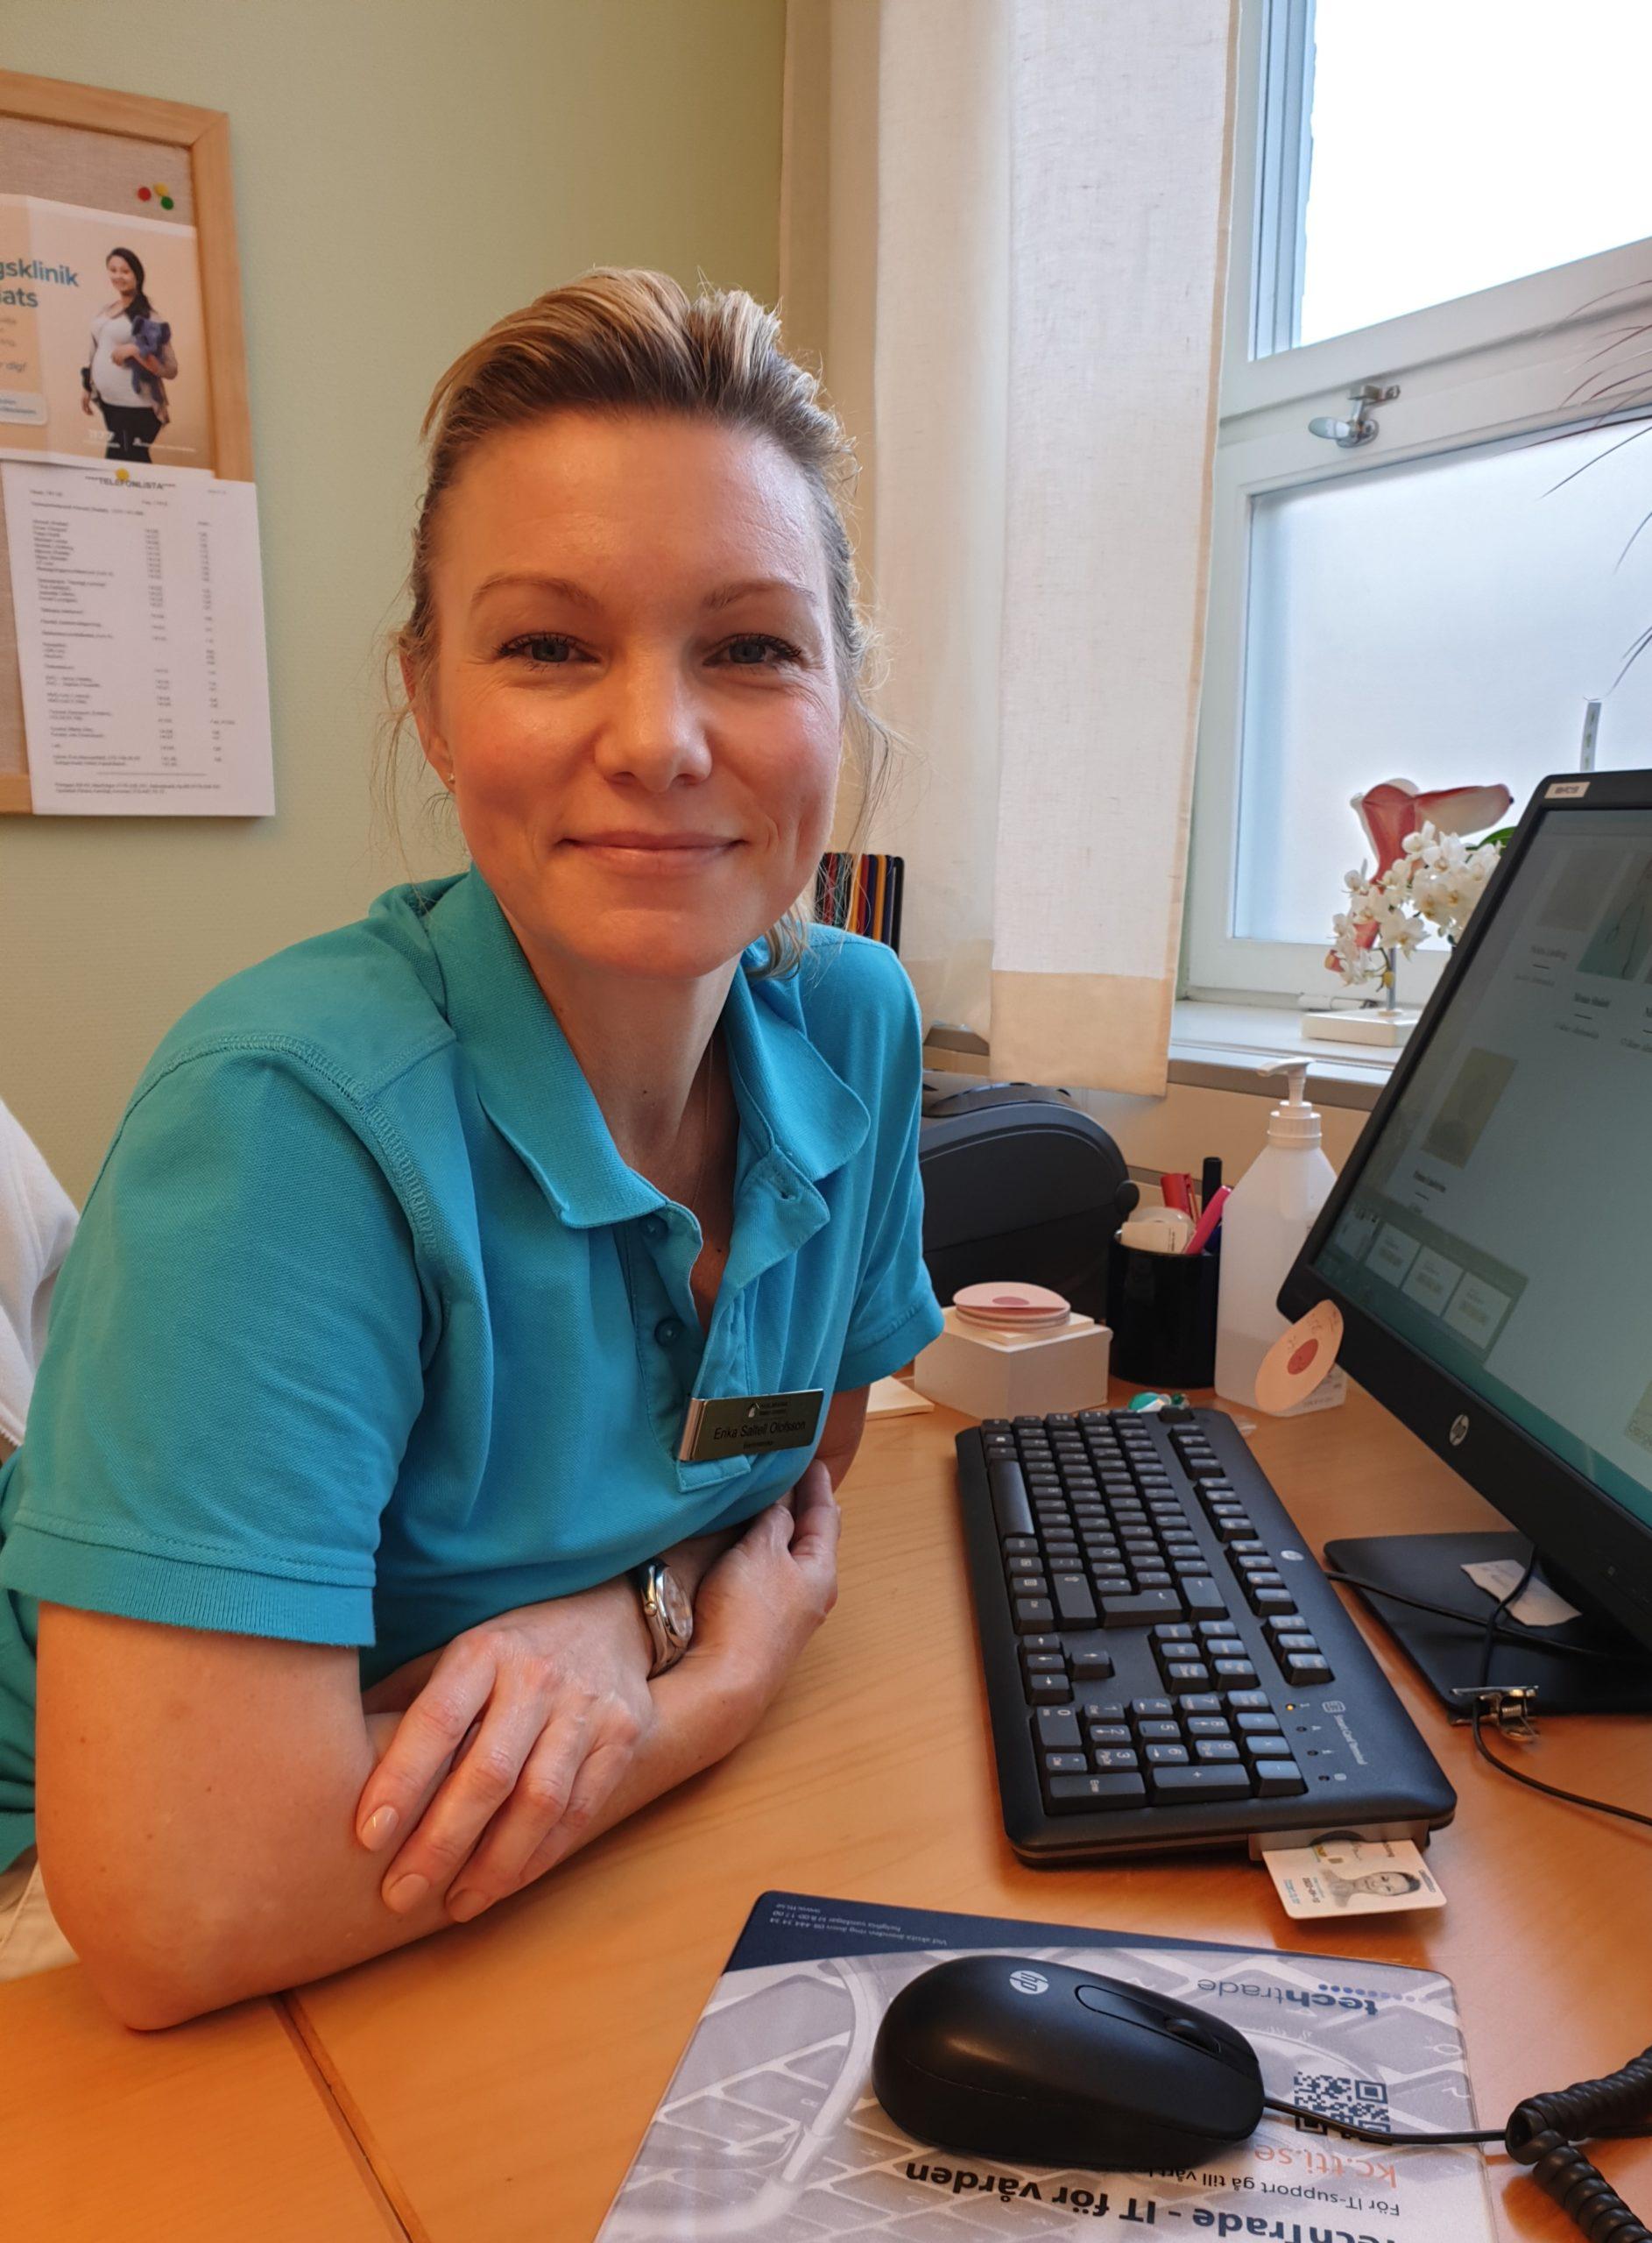 Erika Saltell Olofsson